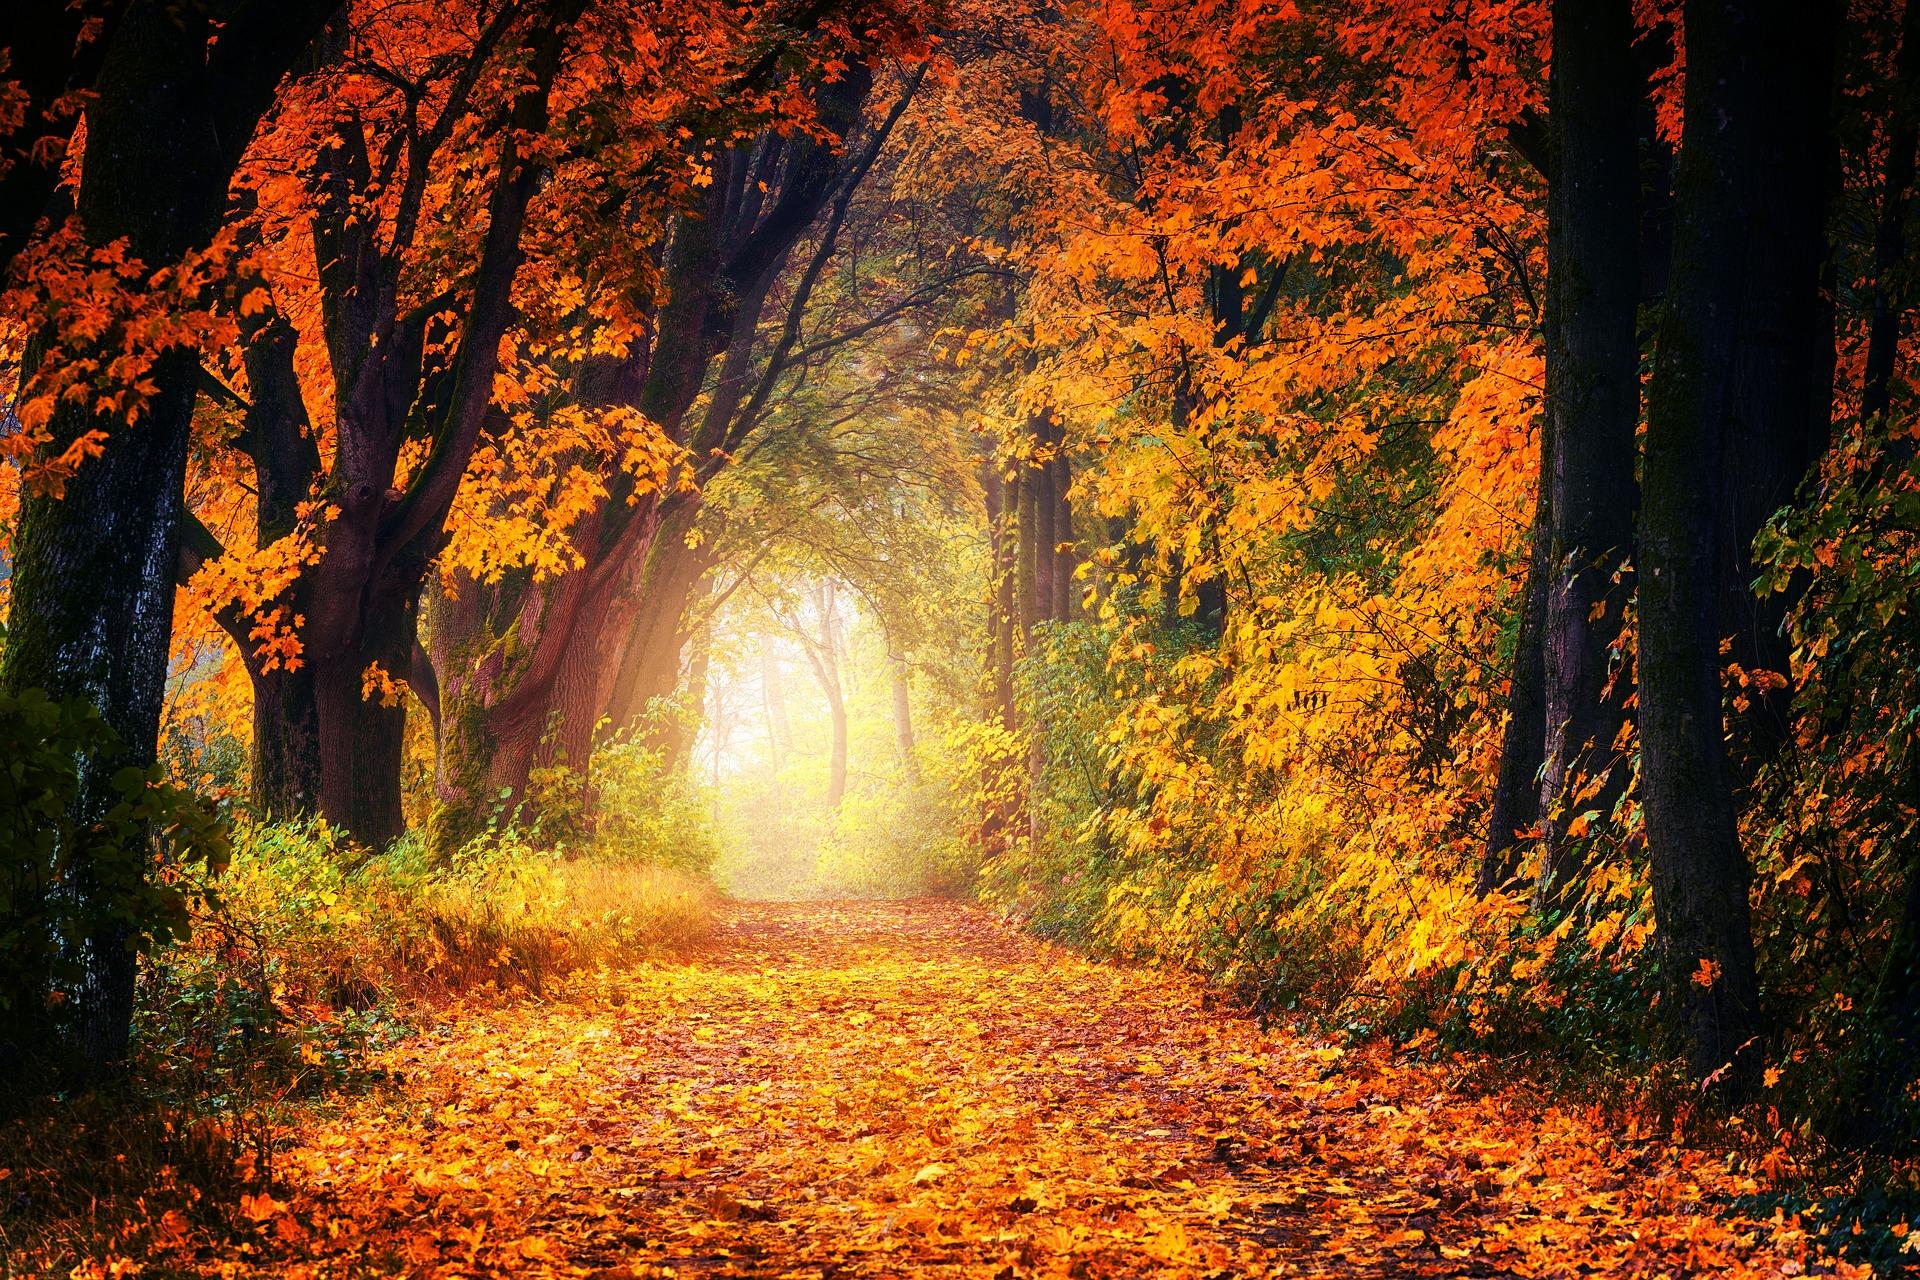 Allee mit buntem Herbstlaub und Leuchten in der Ferne